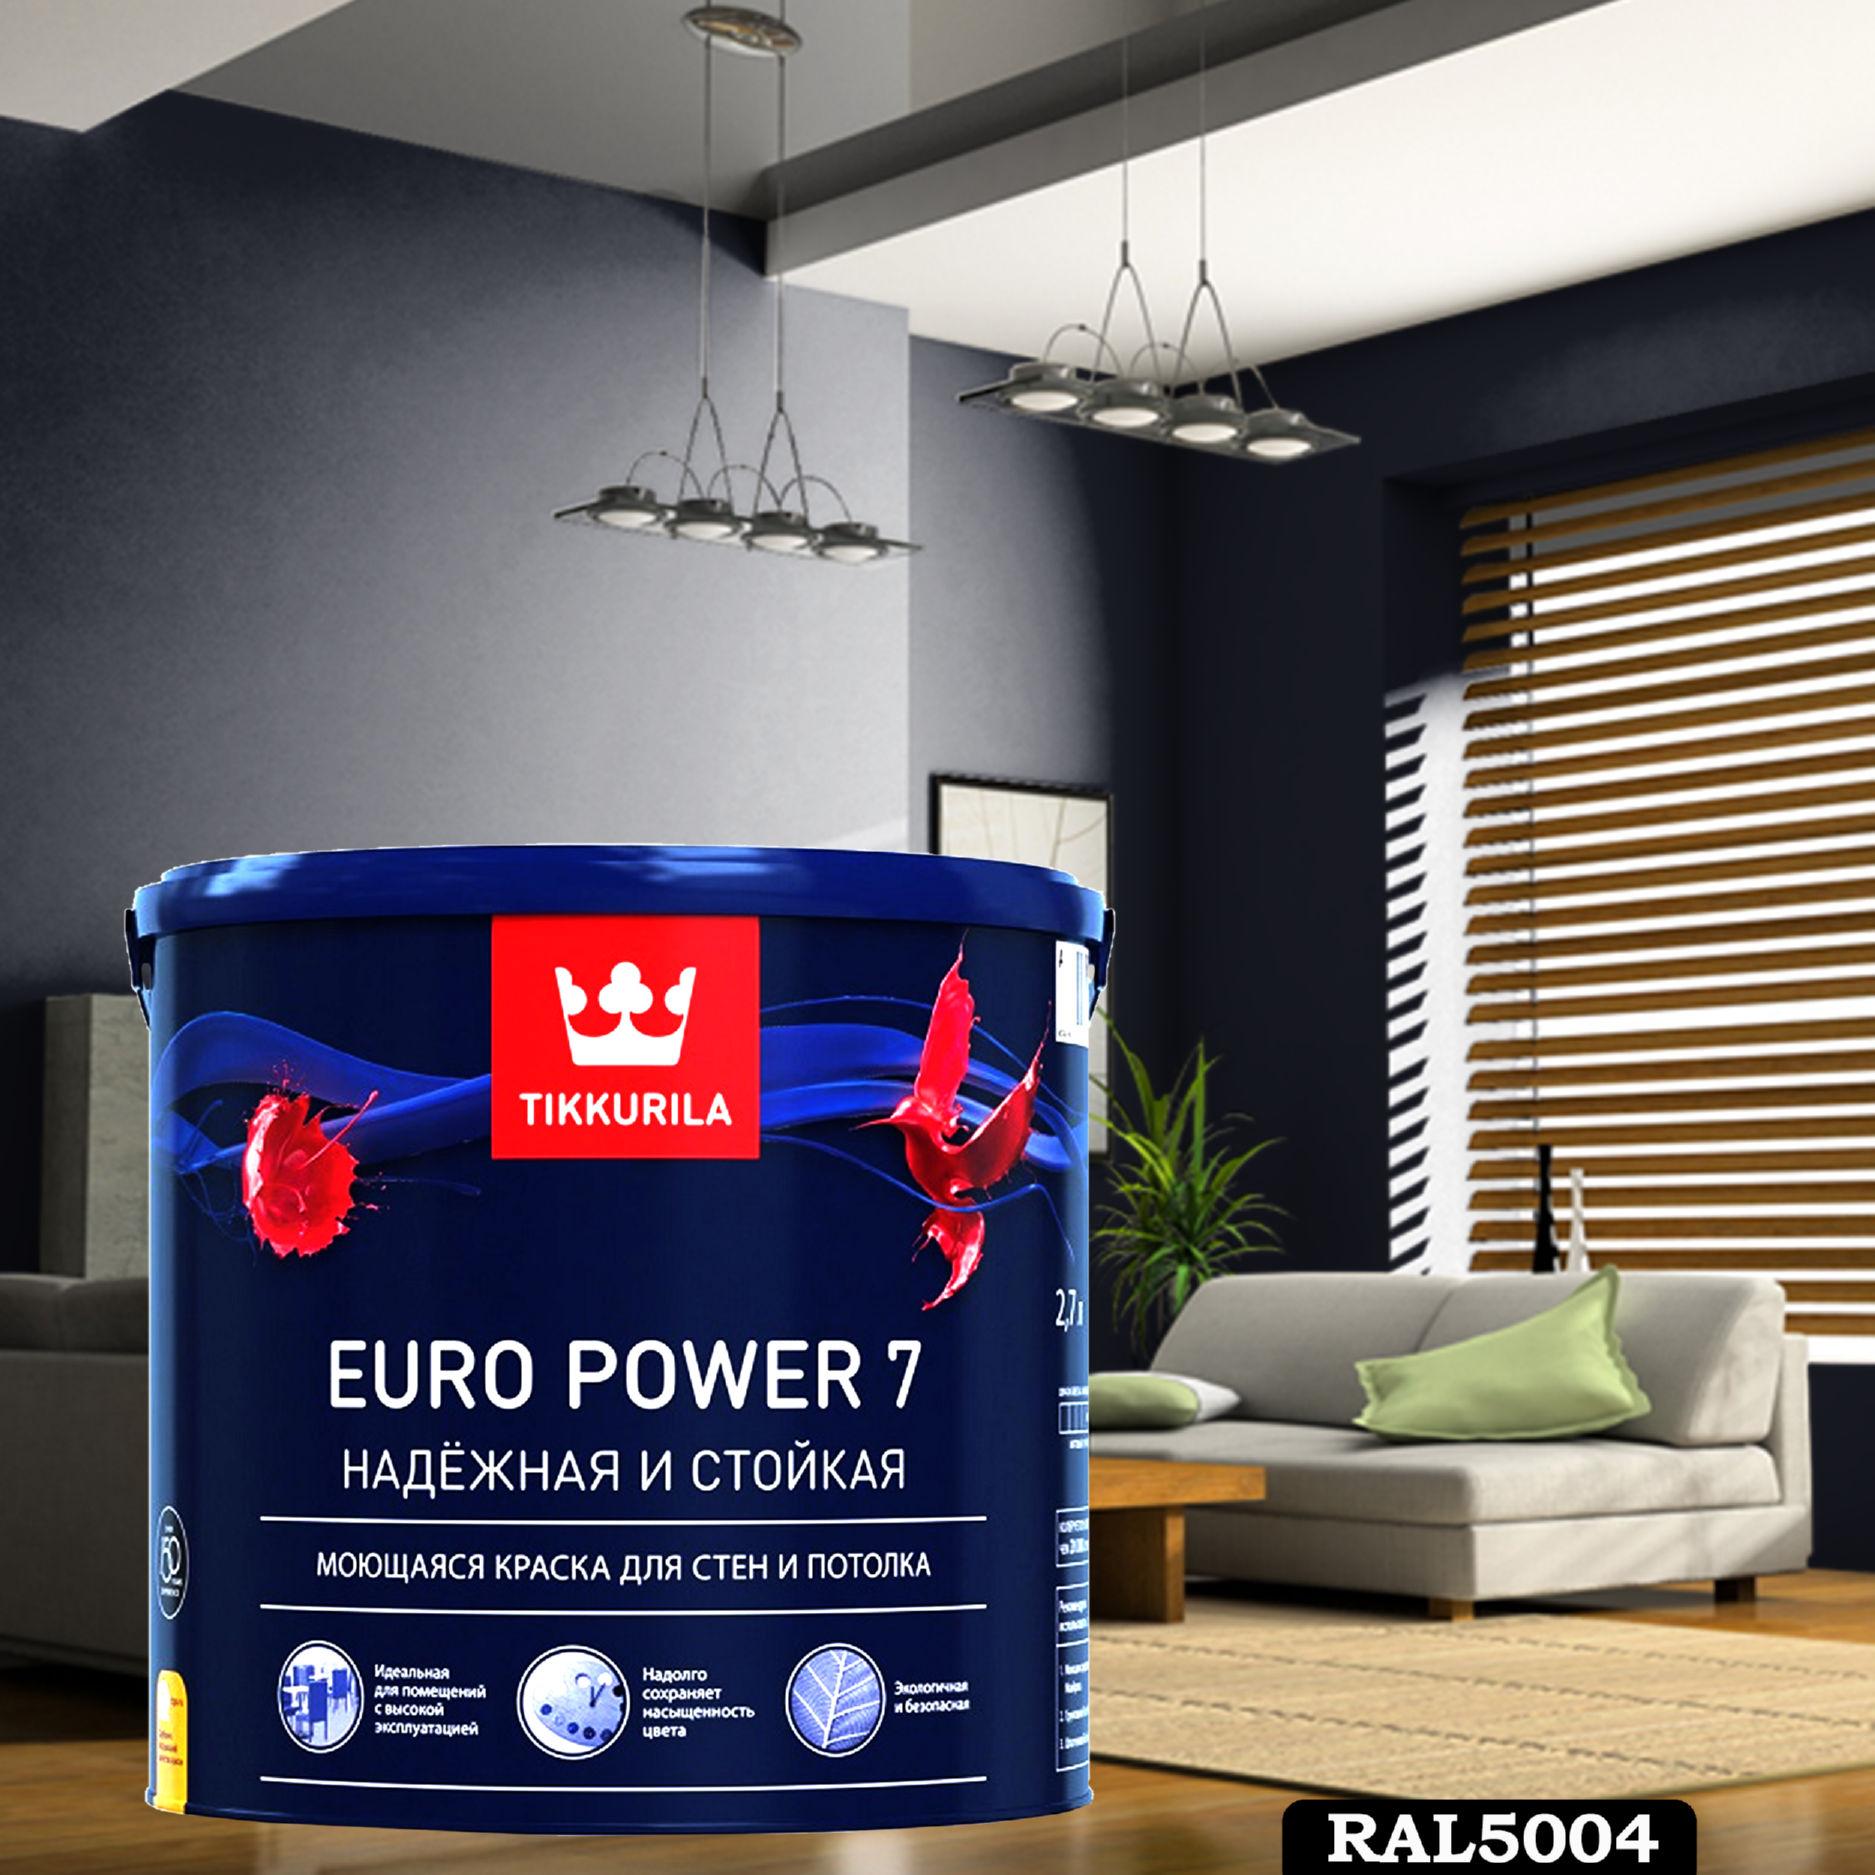 Фото 5 - Краска TIKKURILA Euro Power 7,  RAL 5004 Чёрно-синий, латексная моющаяся матовая интерьерная, 9 л.